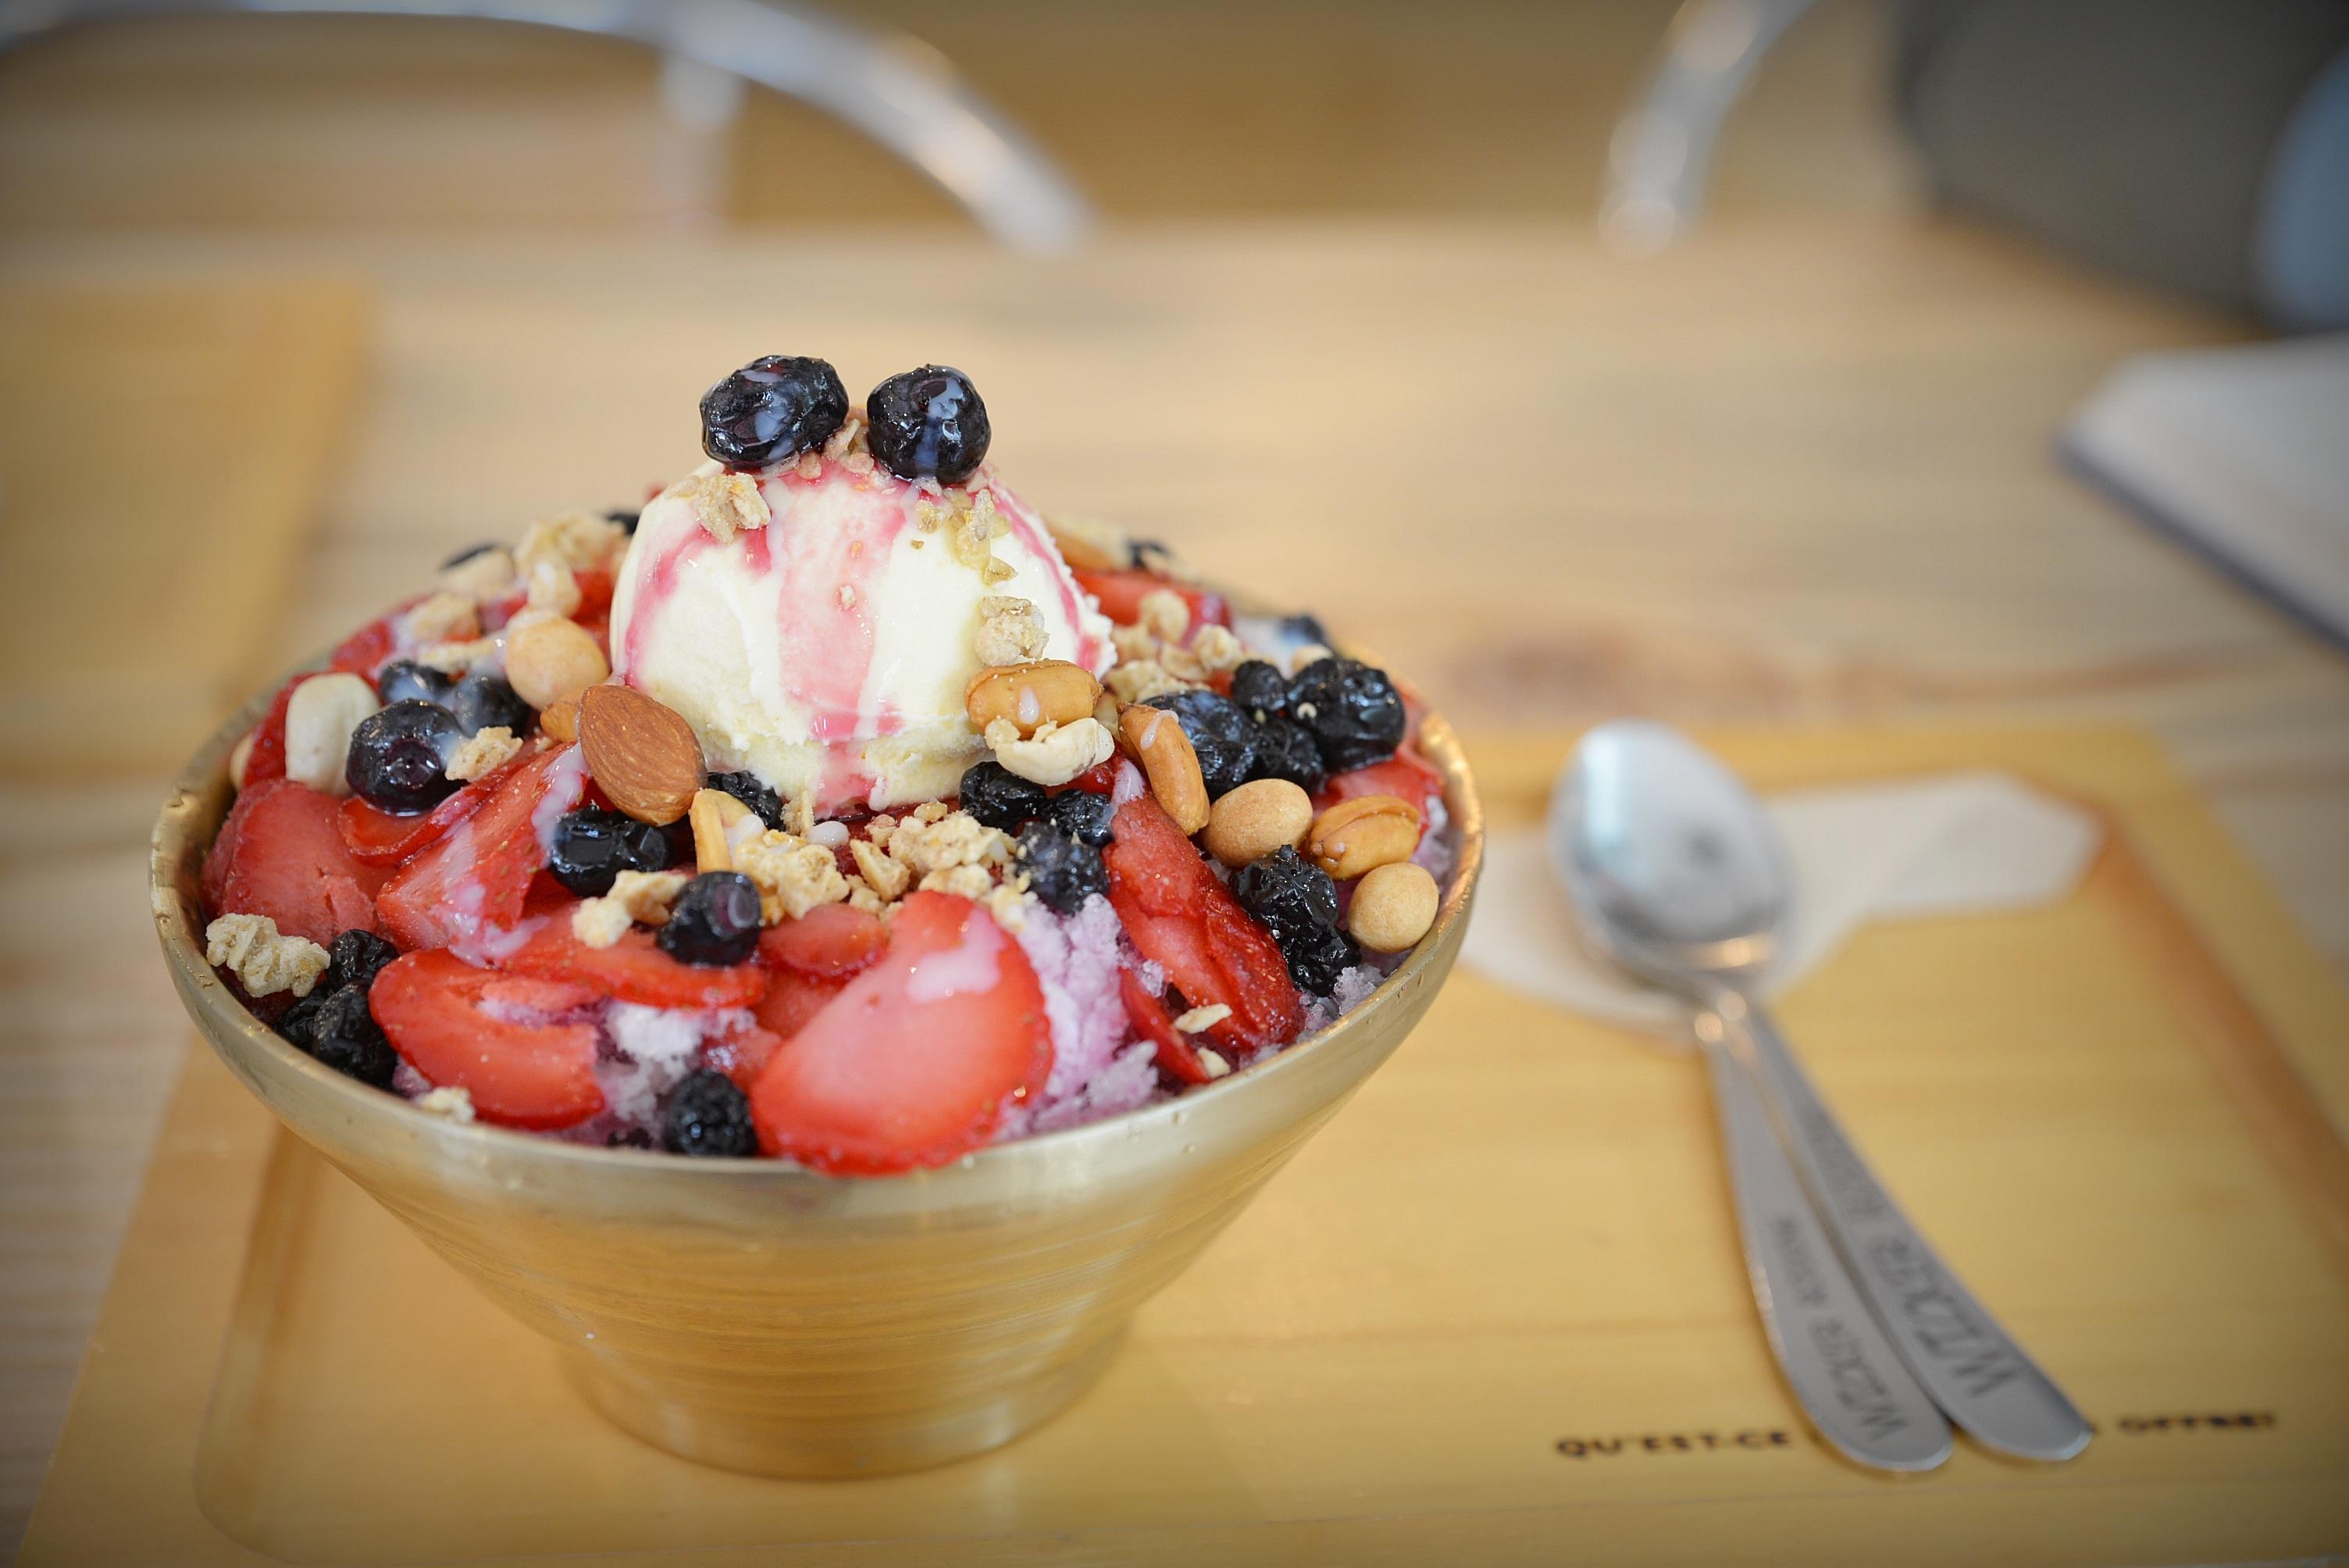 фото мороженое с фруктами на блюде важно адаптироваться вернуться